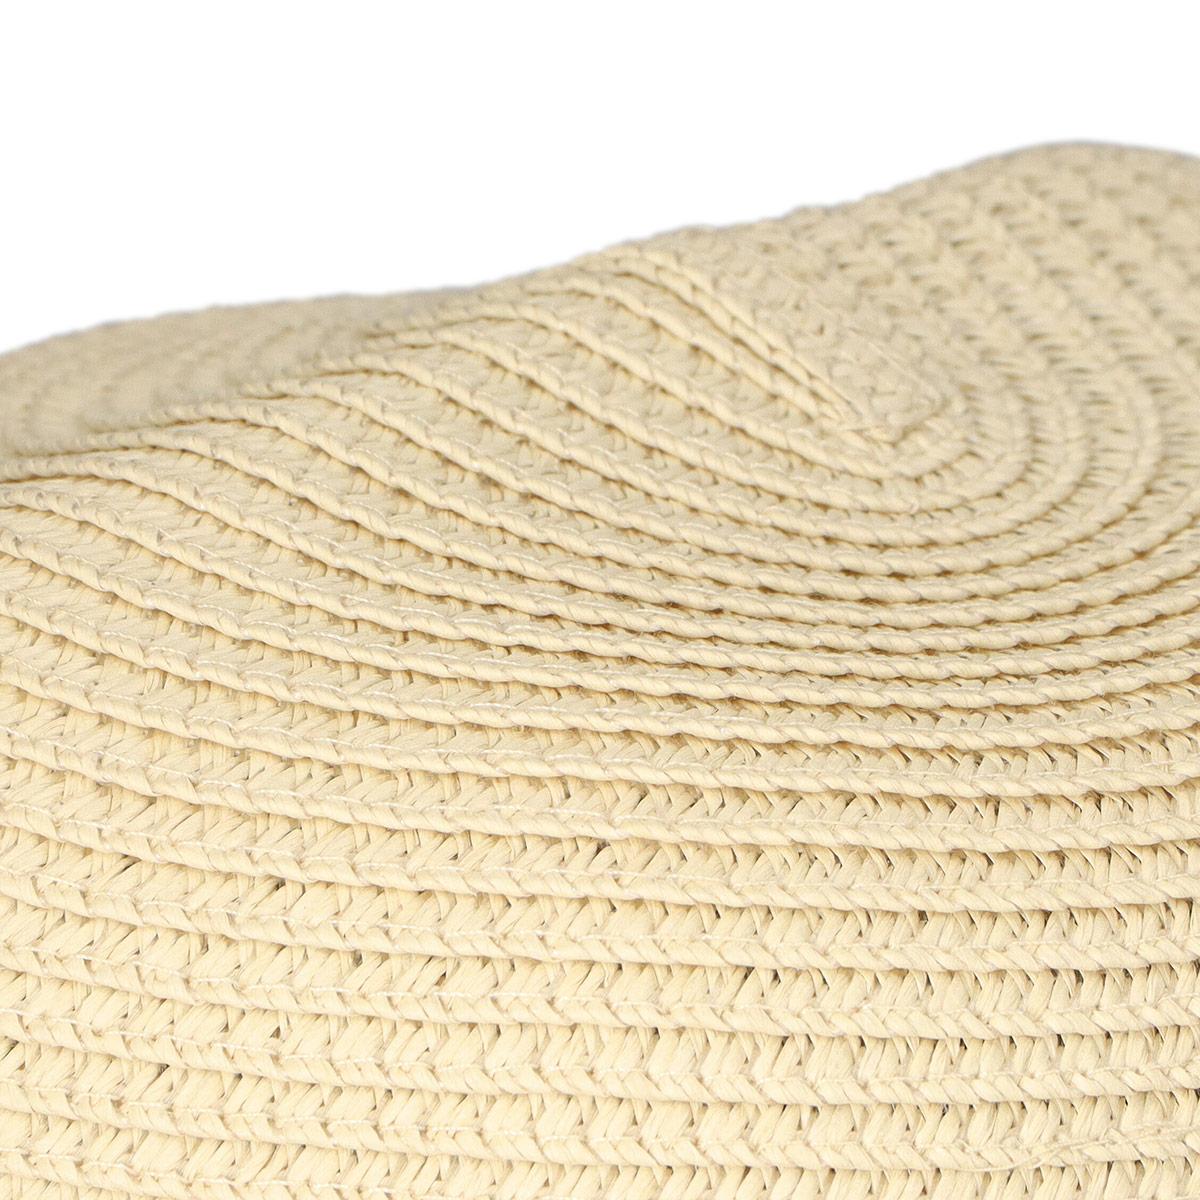 NAIGAI COMFORT ナイガイ コンフォート クルっとコンパクトに折りたためる サイズ調整テープ付 UVケア つば広 サマーハット ペーパーハット 帽子 レディース 女性 婦人 03072806【ゆうパケットお取り扱い不可】